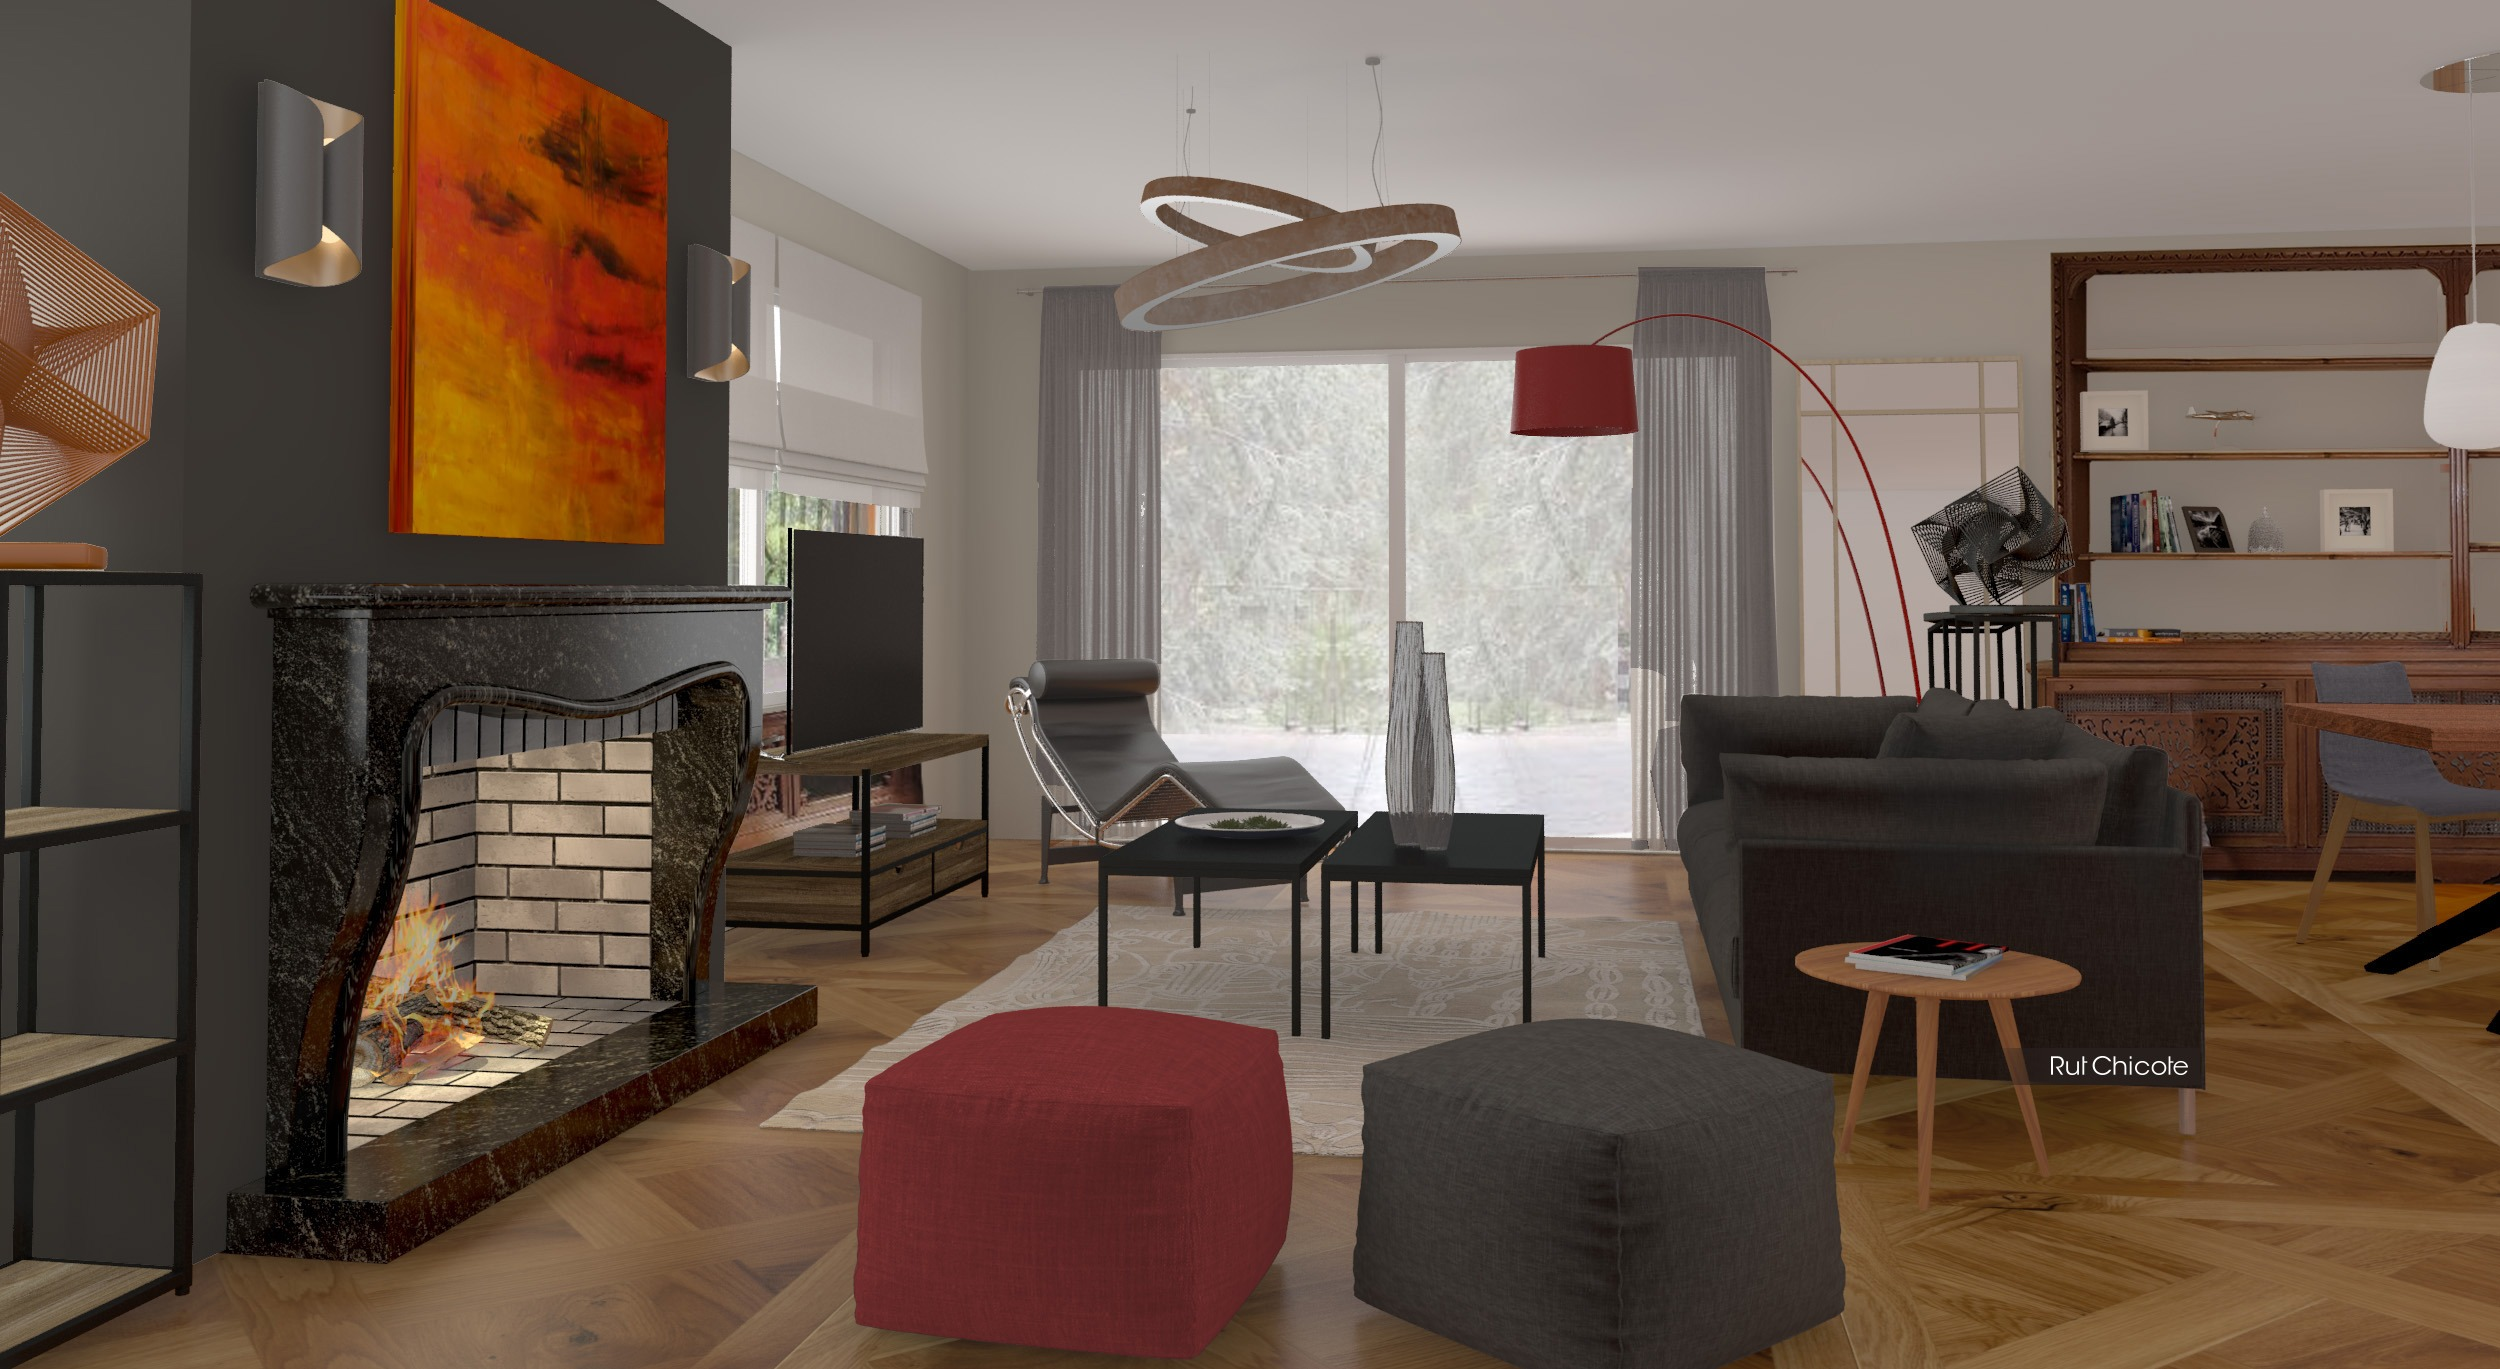 Proyecto de decoración en Rutchicote.com